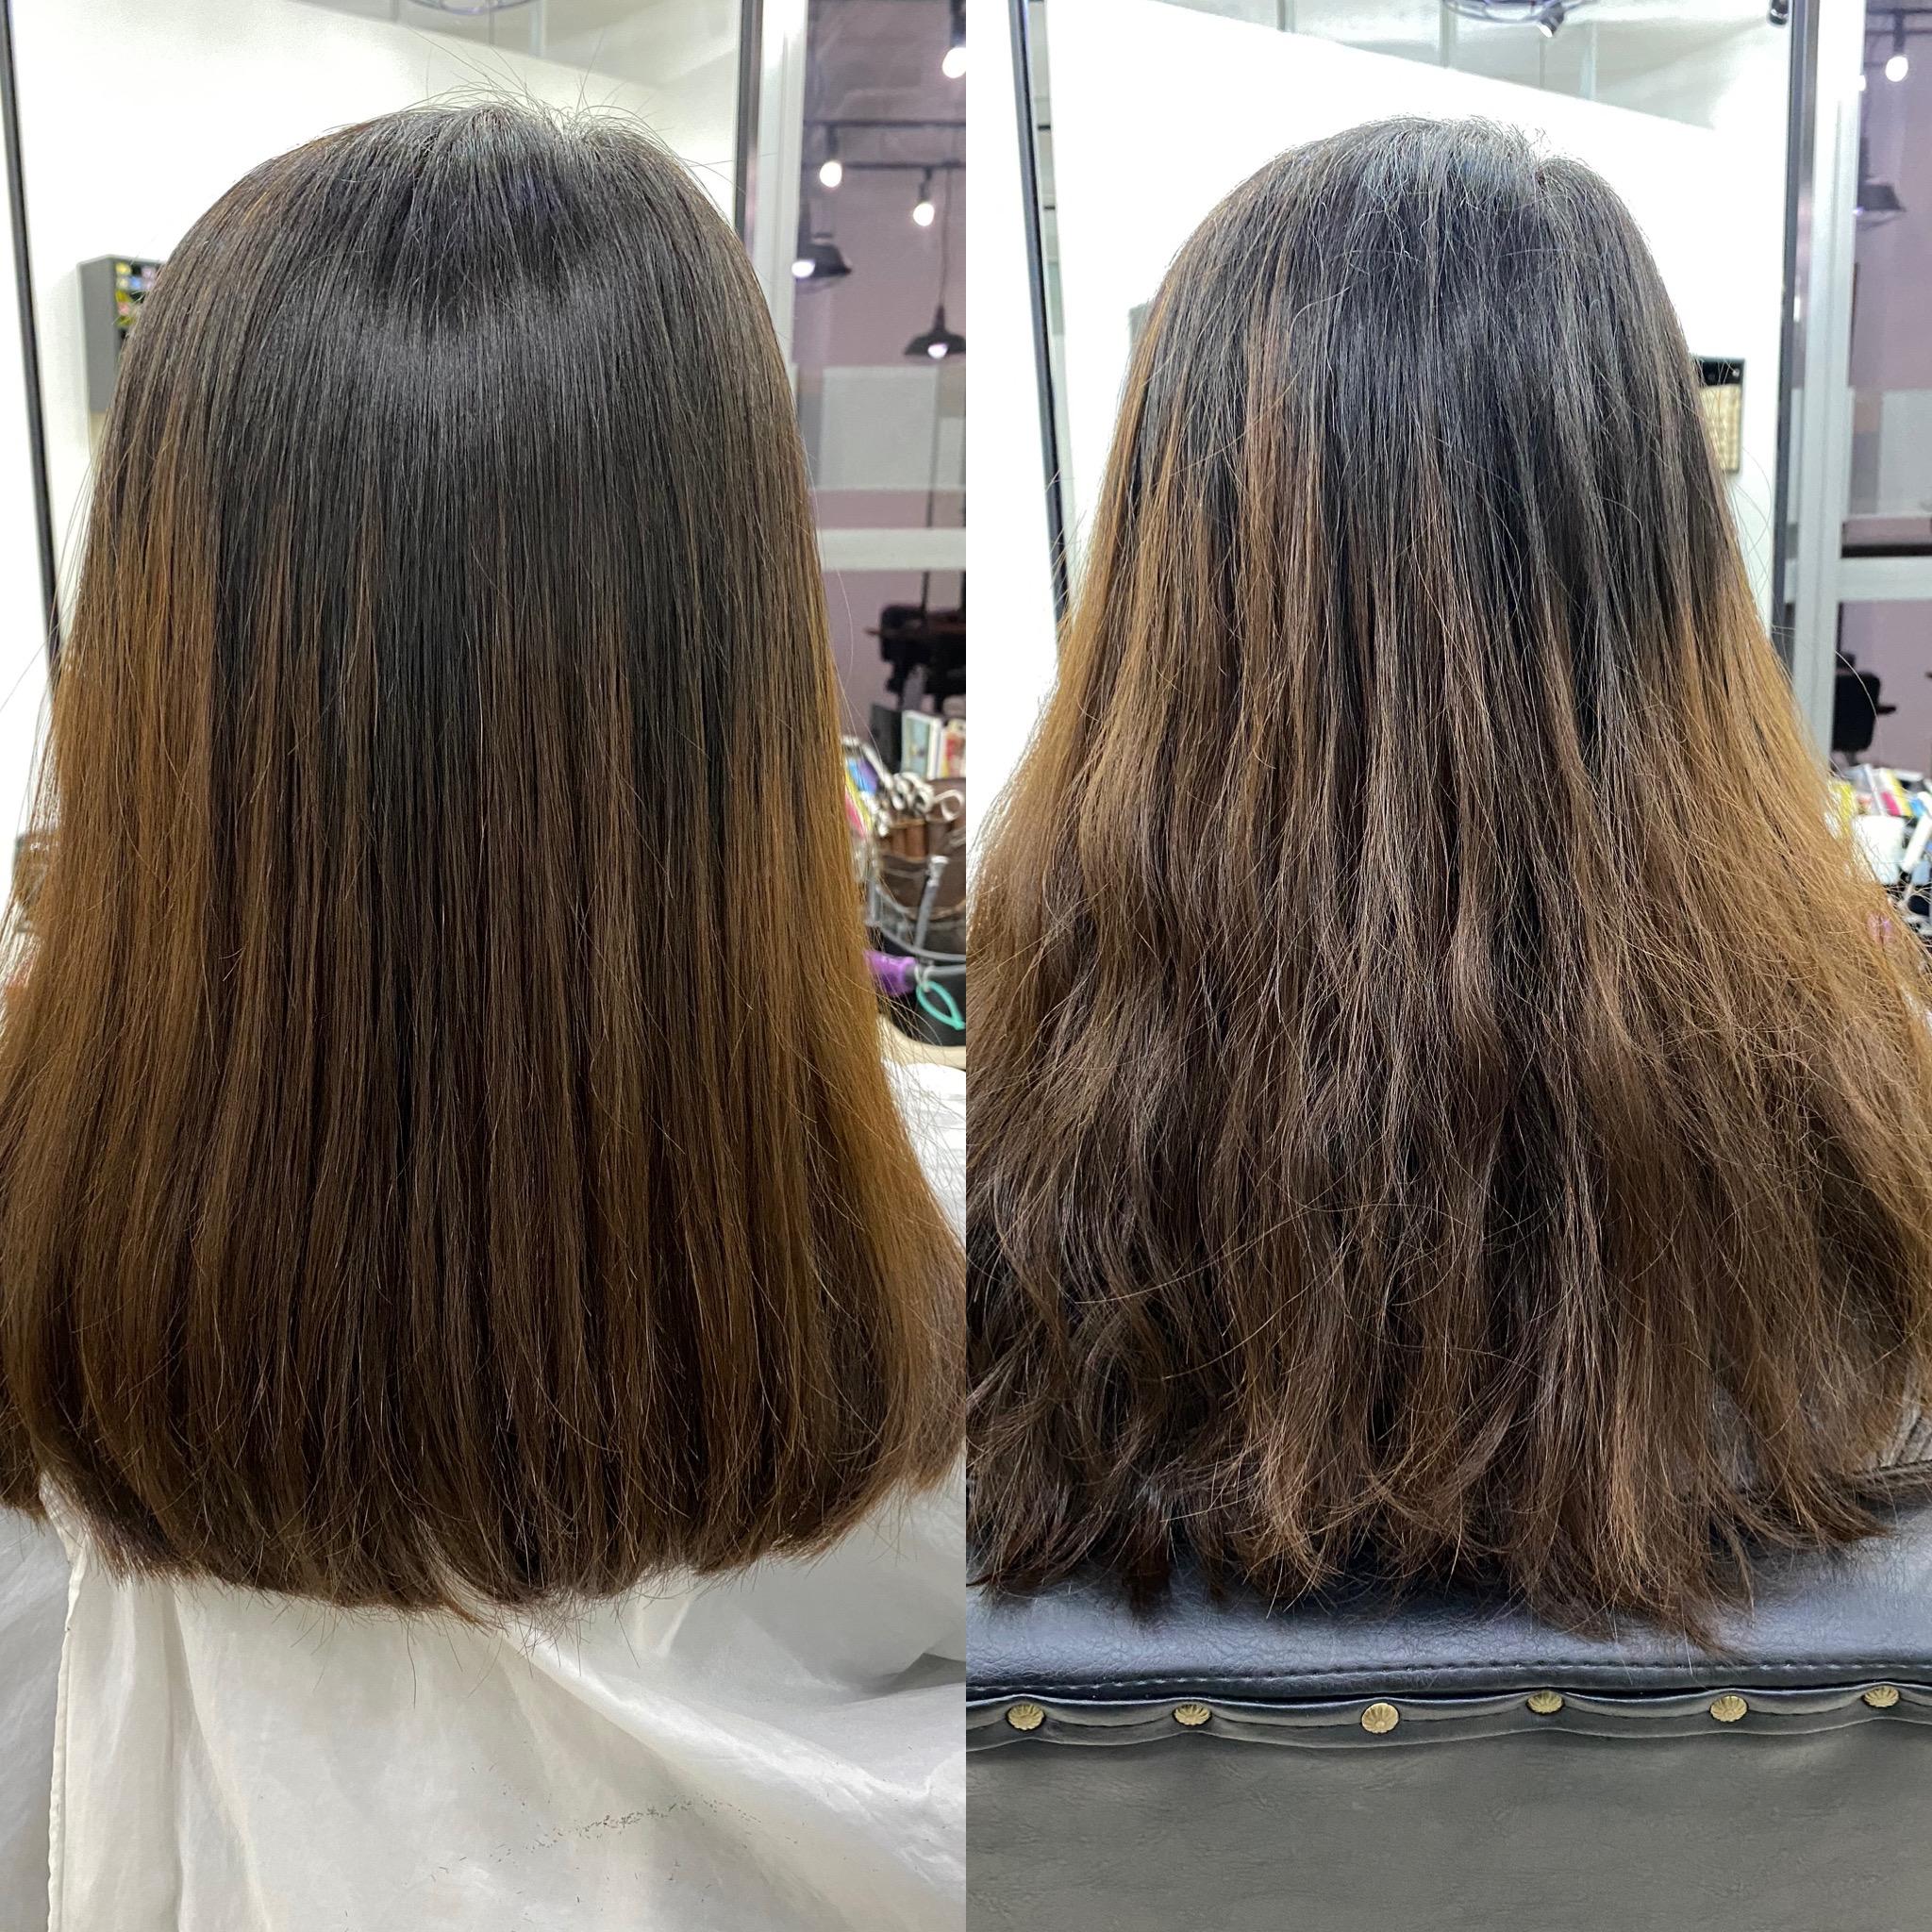 の 毛 違い 改善 と 縮 質 矯正 髪